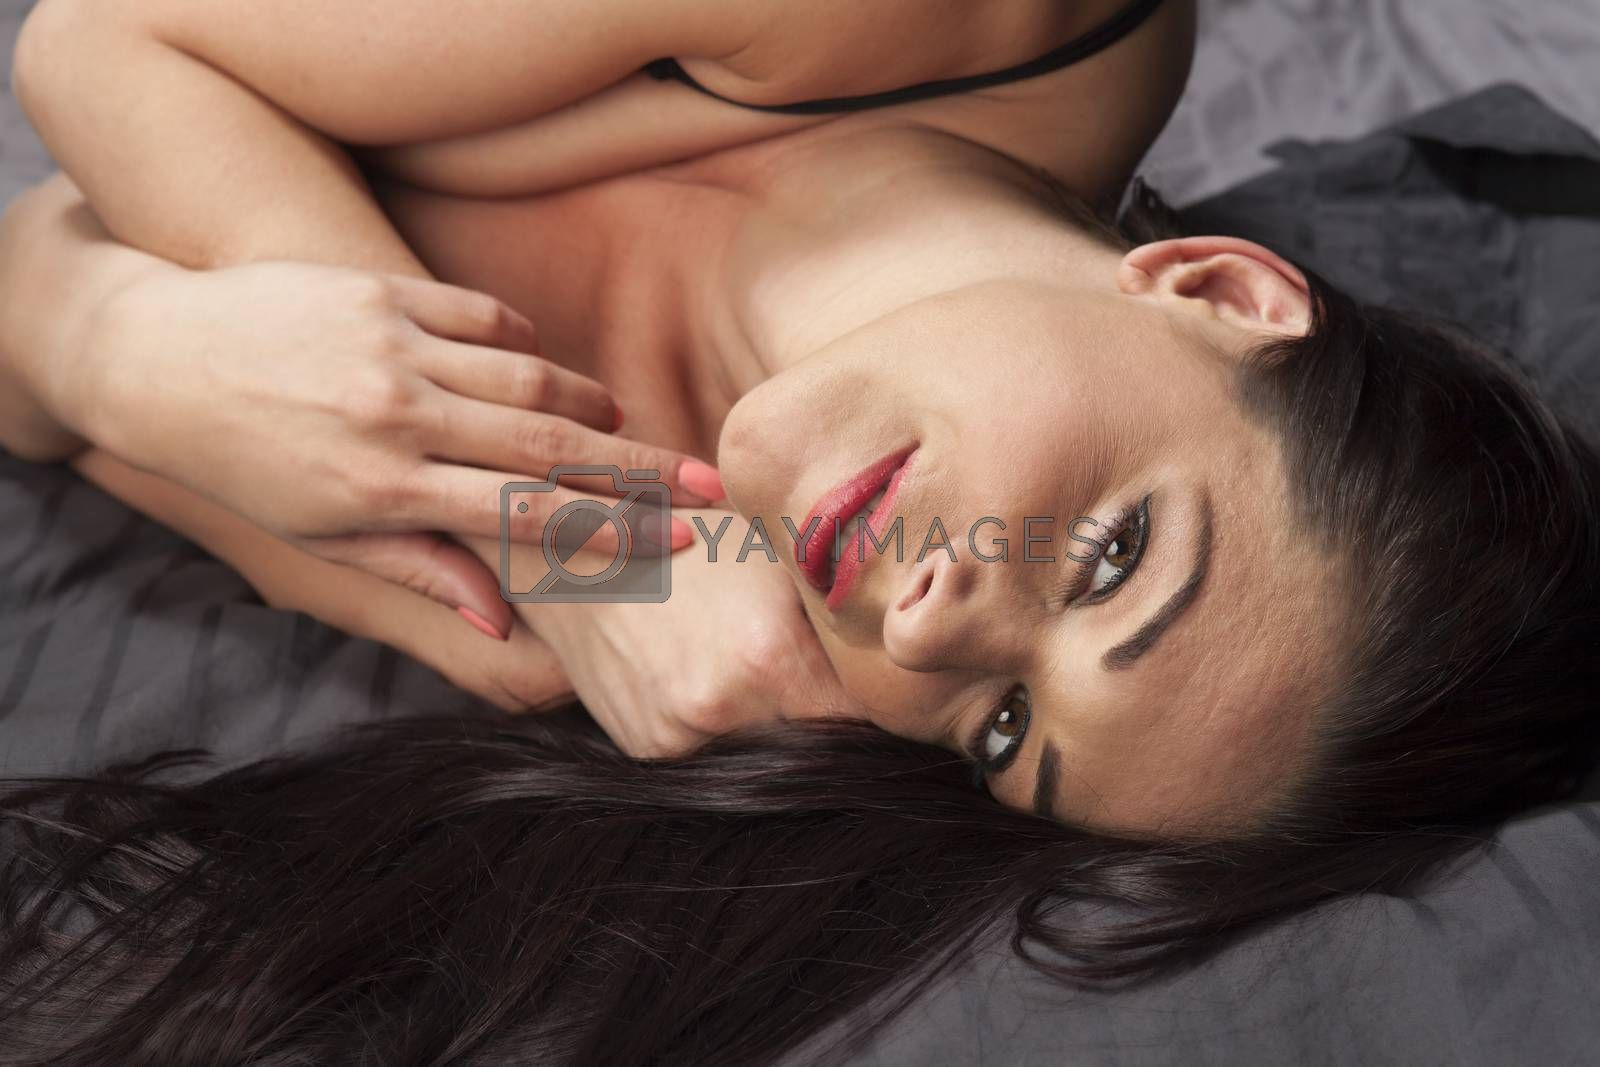 attractive woman in underwear